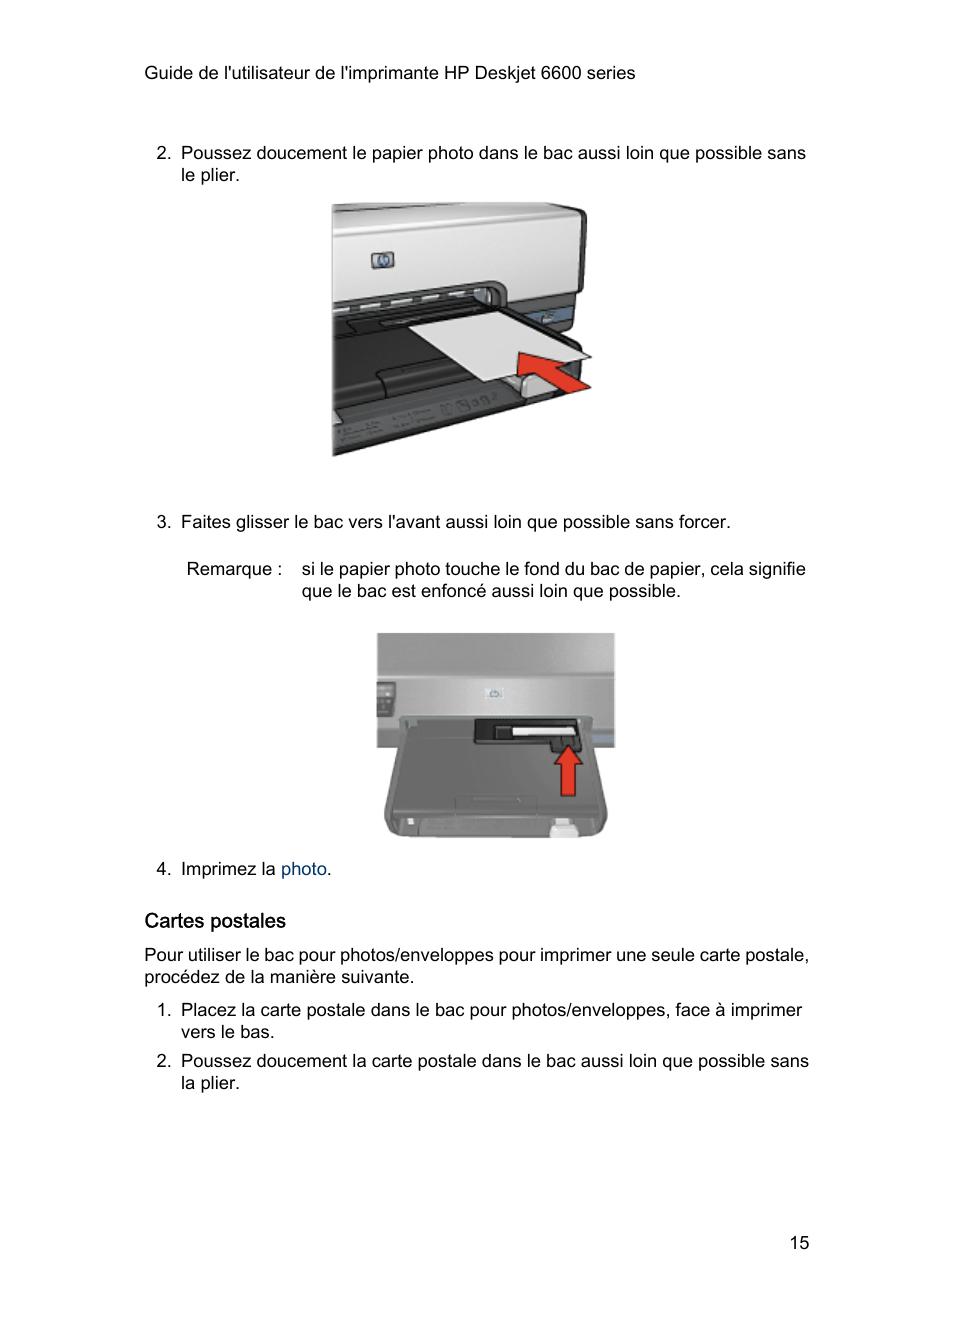 329bd44fecb7c Cartes postales | HP Imprimante jet d'encre couleur HP Deskjet 6620 Manuel  d'utilisation | Page 15 / 167